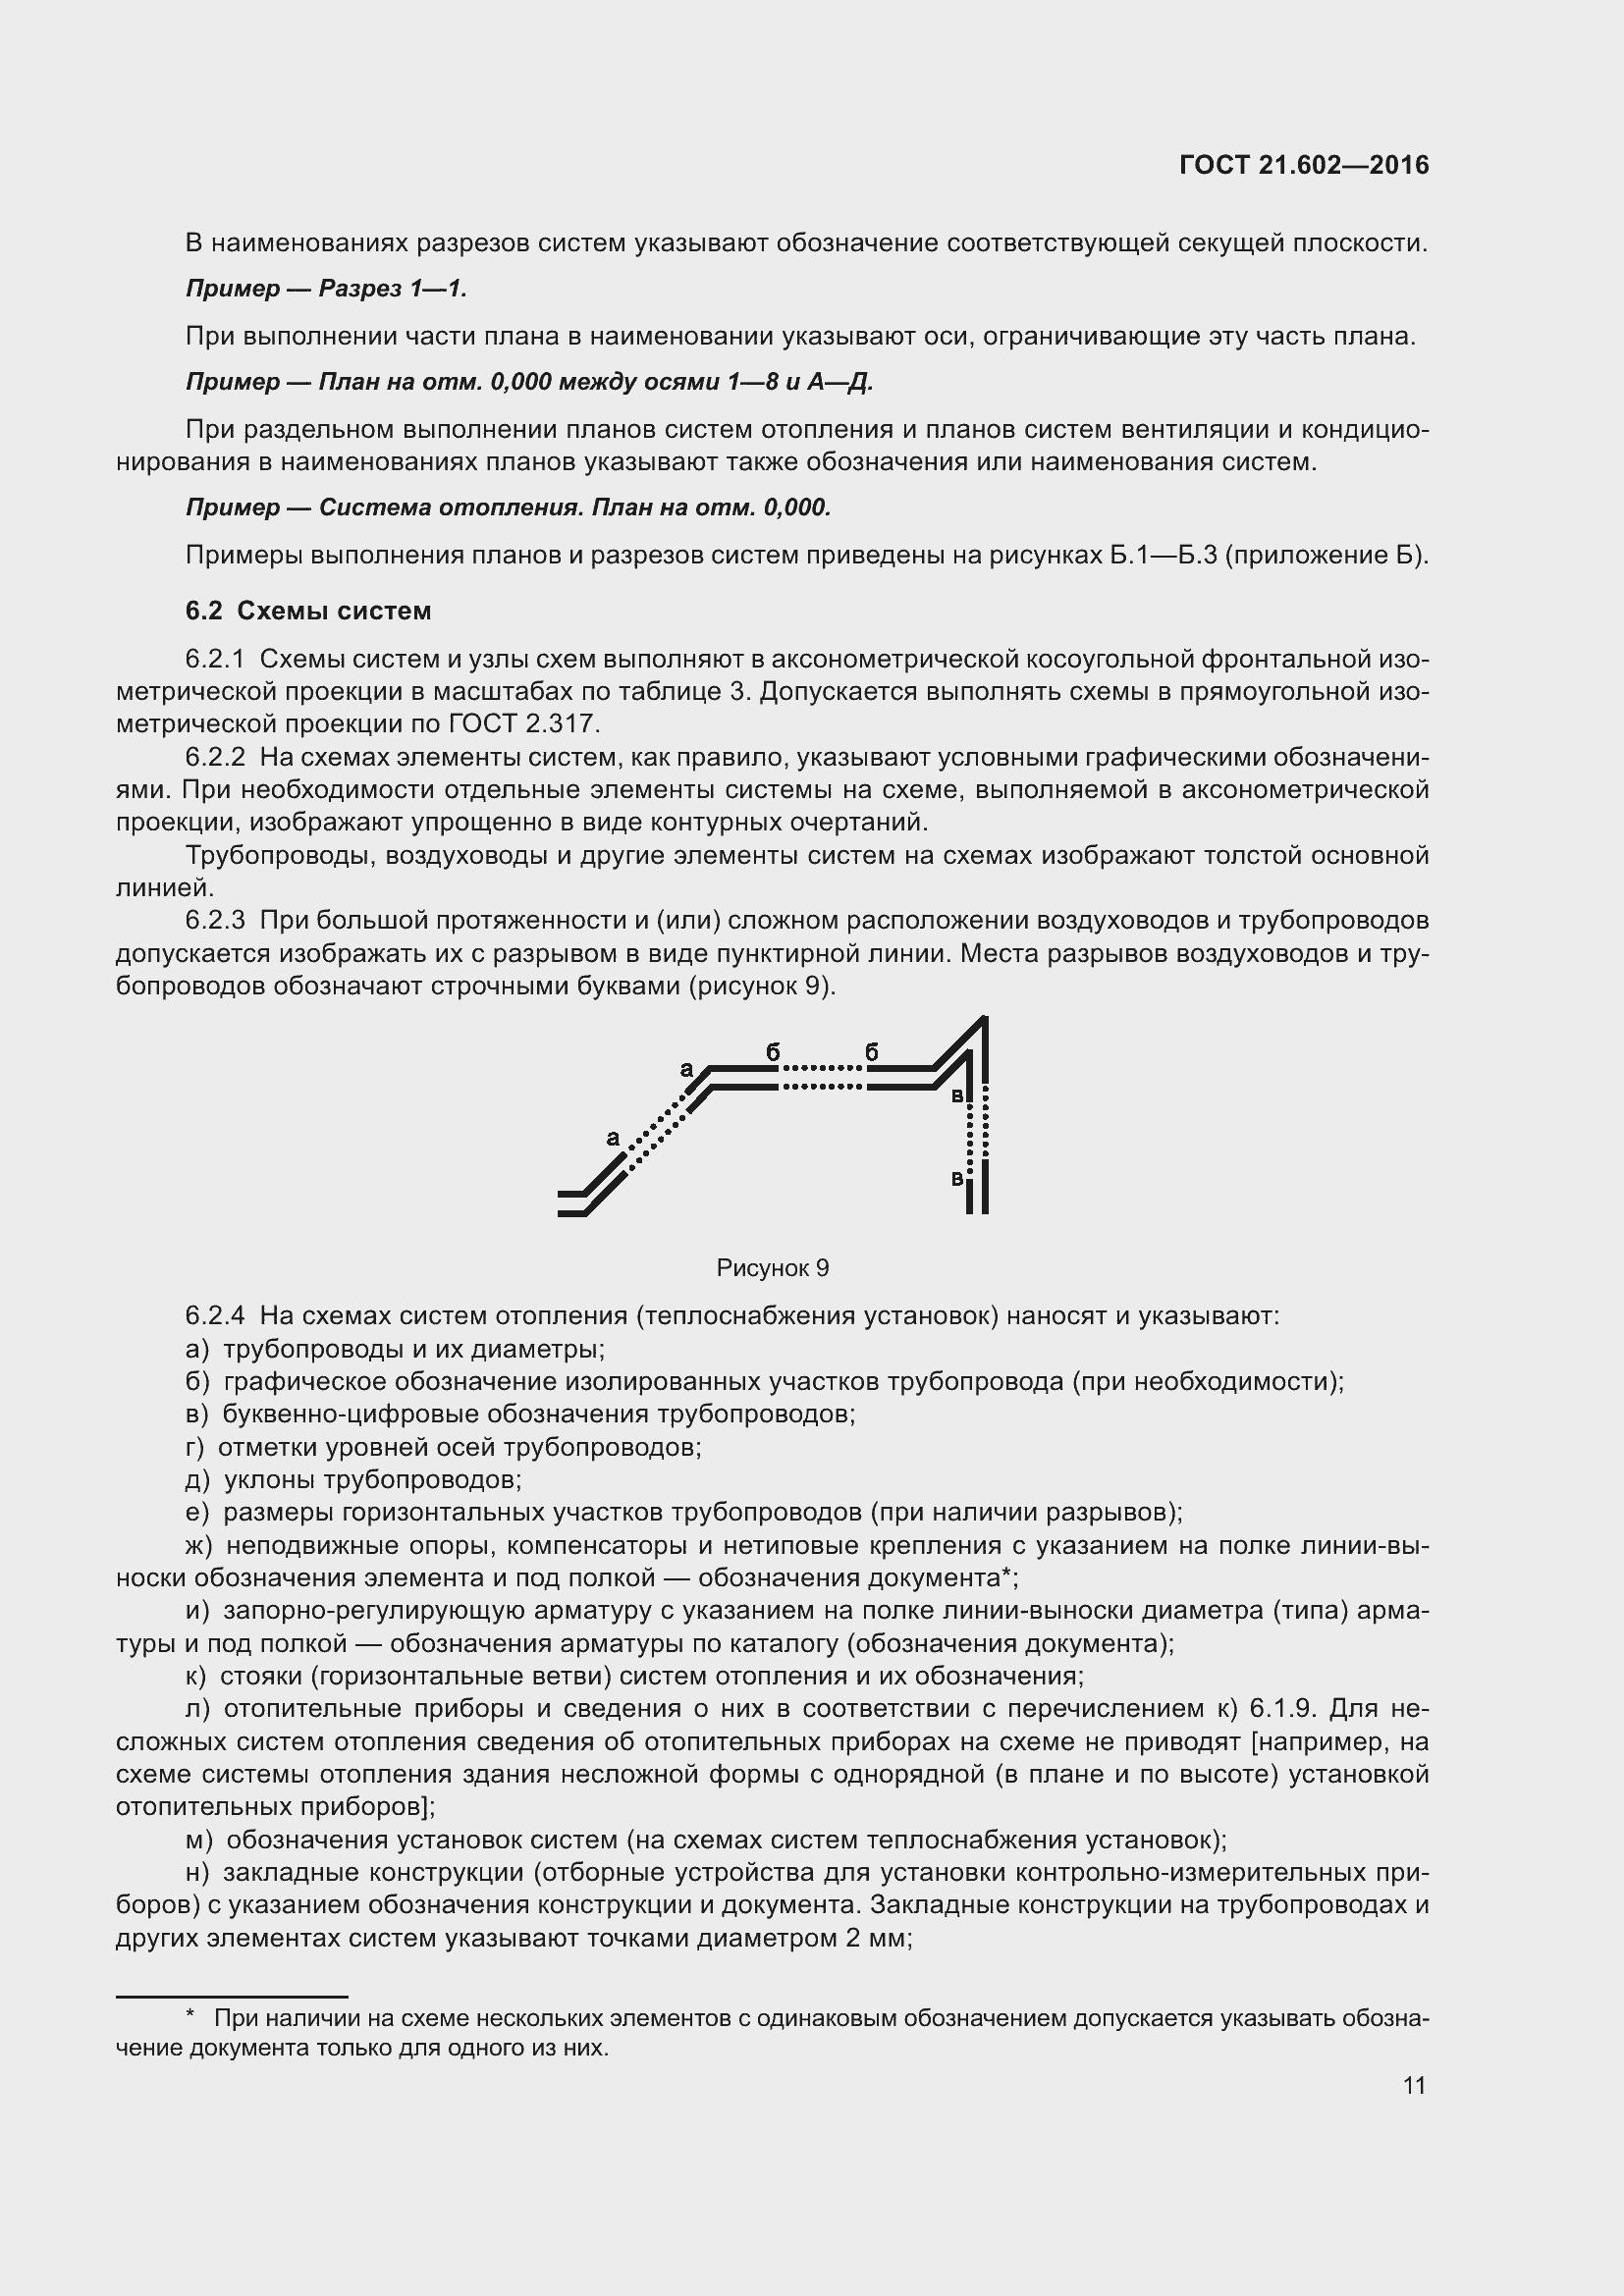 ГОСТ 21.602-2016. Страница 16